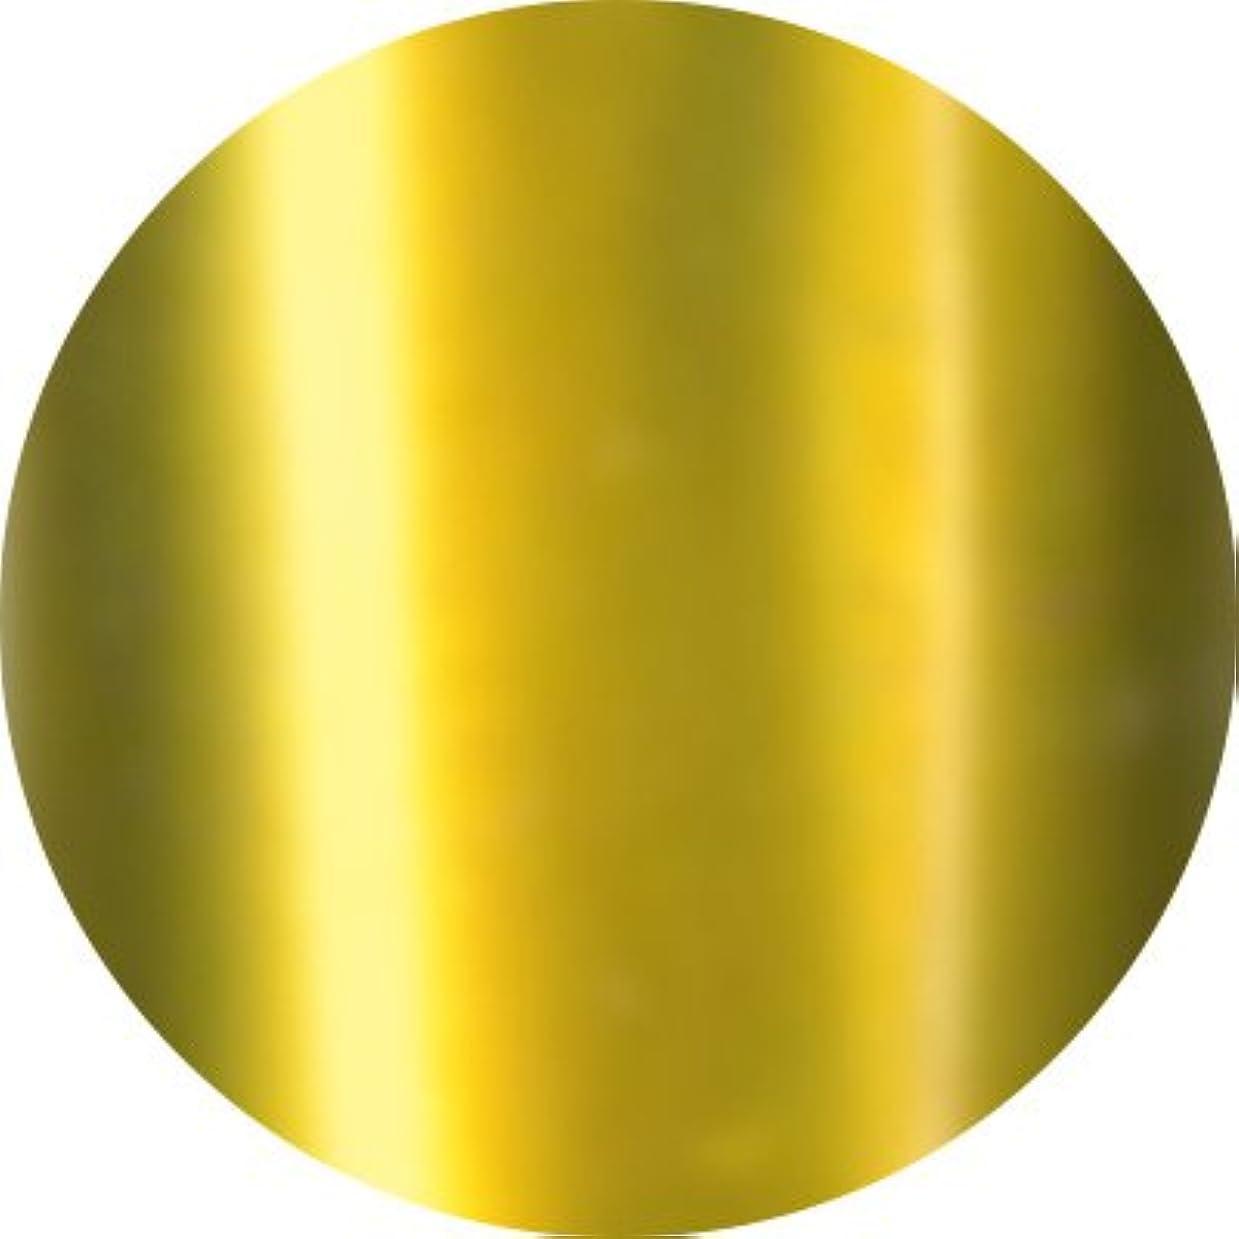 踏みつけ医療の小川Jewelry jel(ジュエリージェル) カラージェル 5ml<BR>ピッカピカメタリック MKゴールド